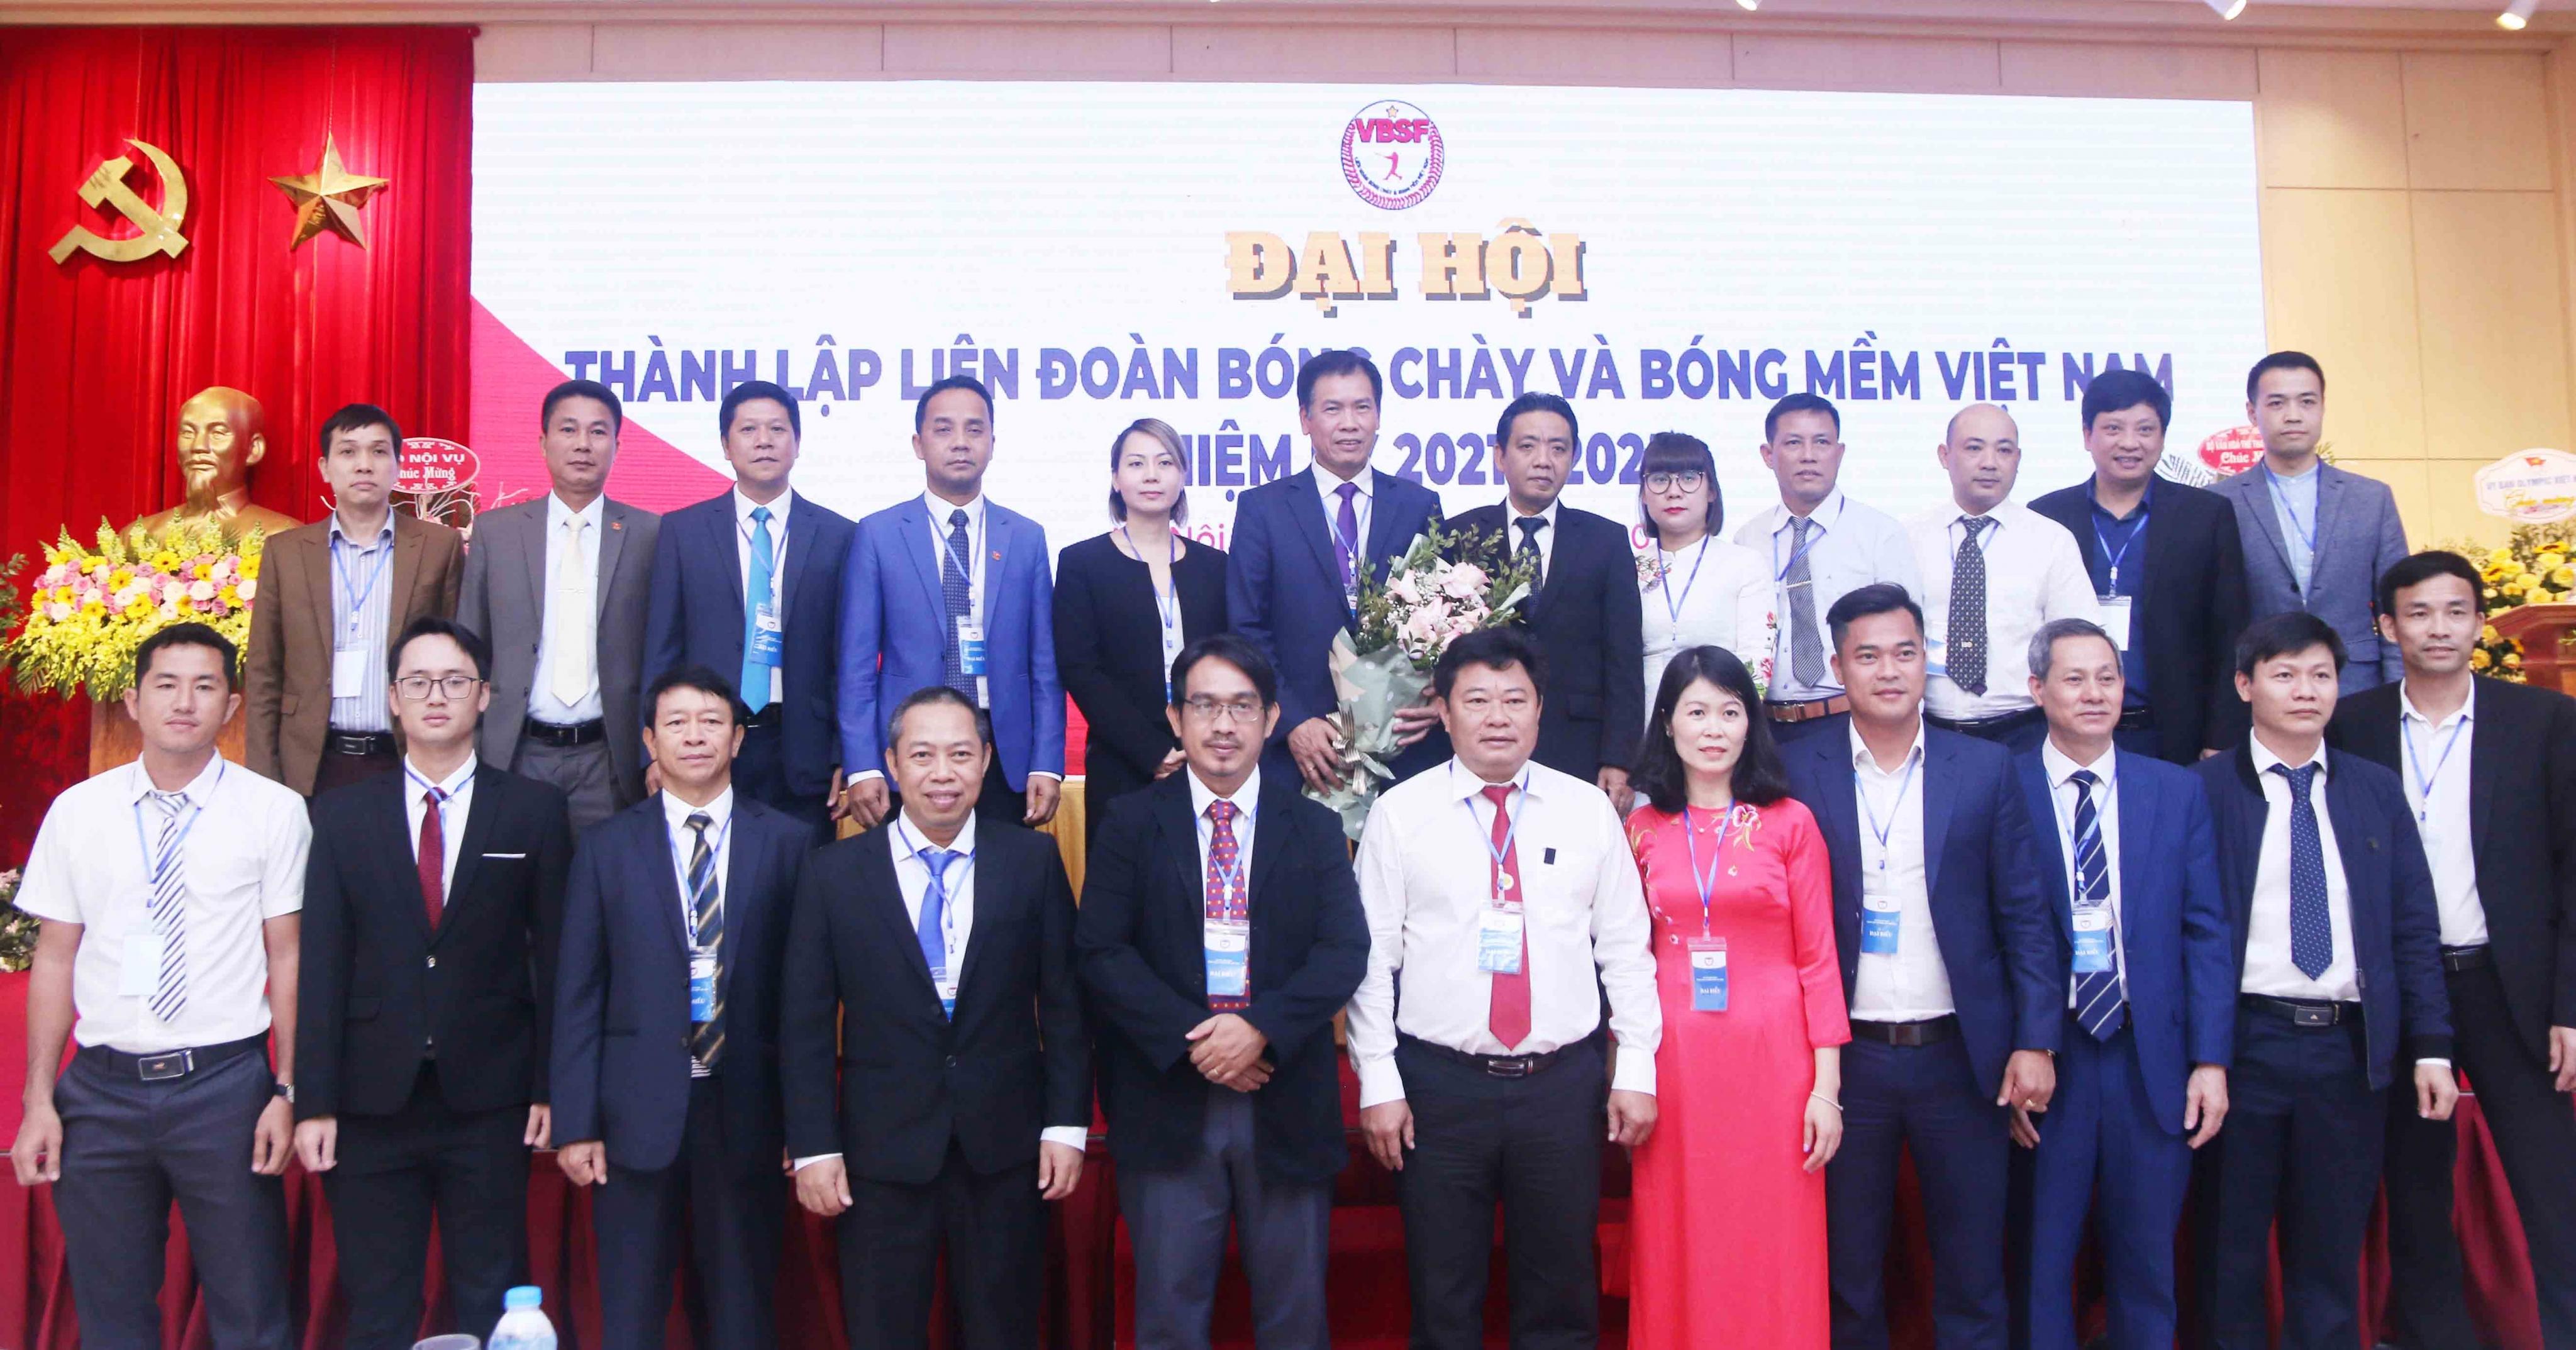 Ra mắt Liên đoàn Bóng chày và Bóng mềm Việt Nam